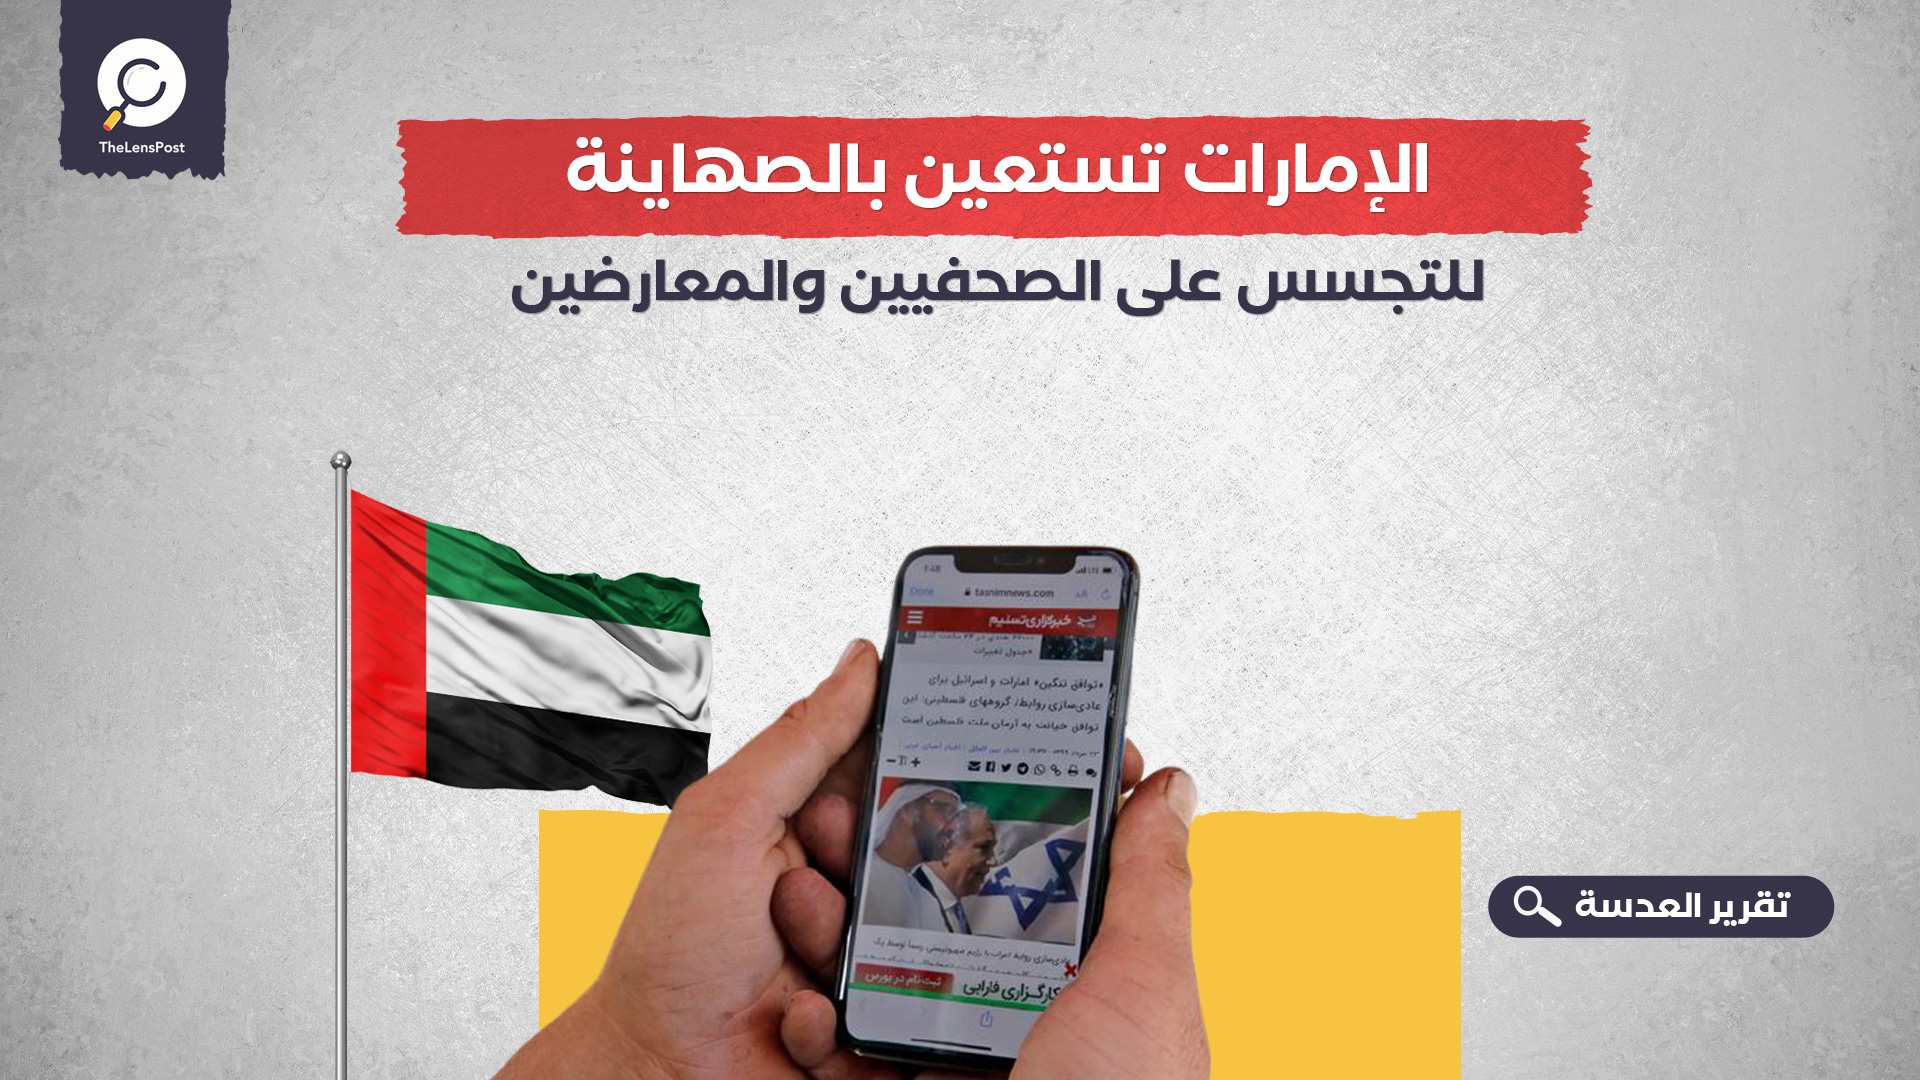 الإمارات تستعين بالصهاينة للتجسس على الصحفيين والمعارضين